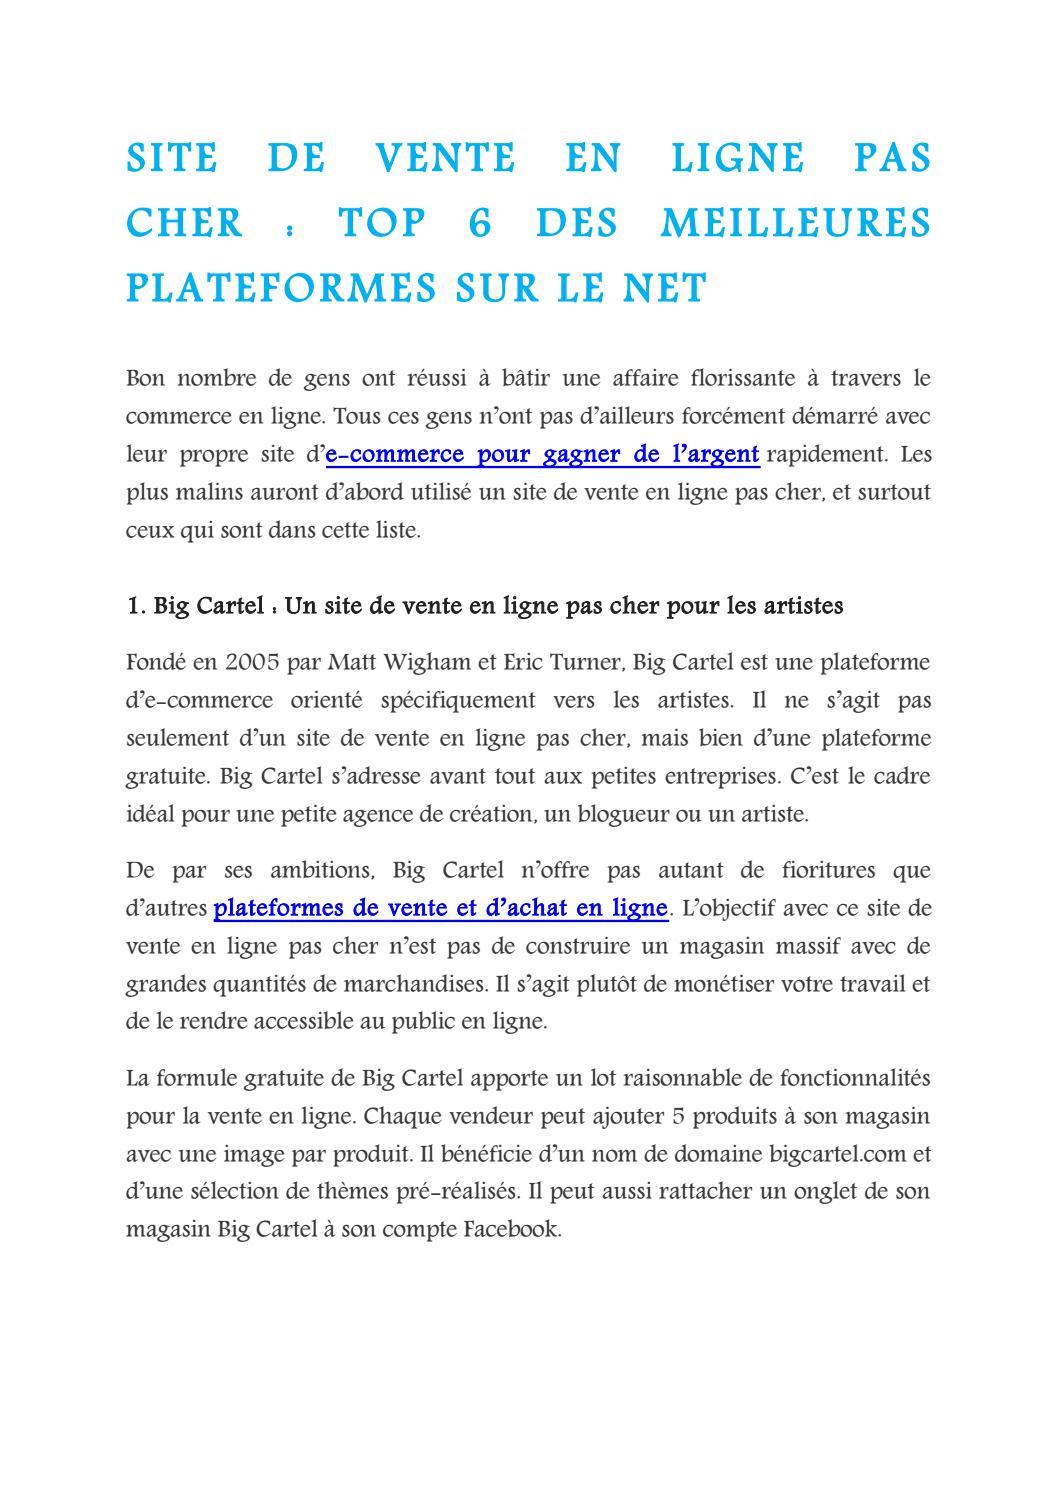 Site De Vente En Ligne Pas Cher Top 6 Des Meilleures Plateformes Sur Le Net By Money Hack Issuu